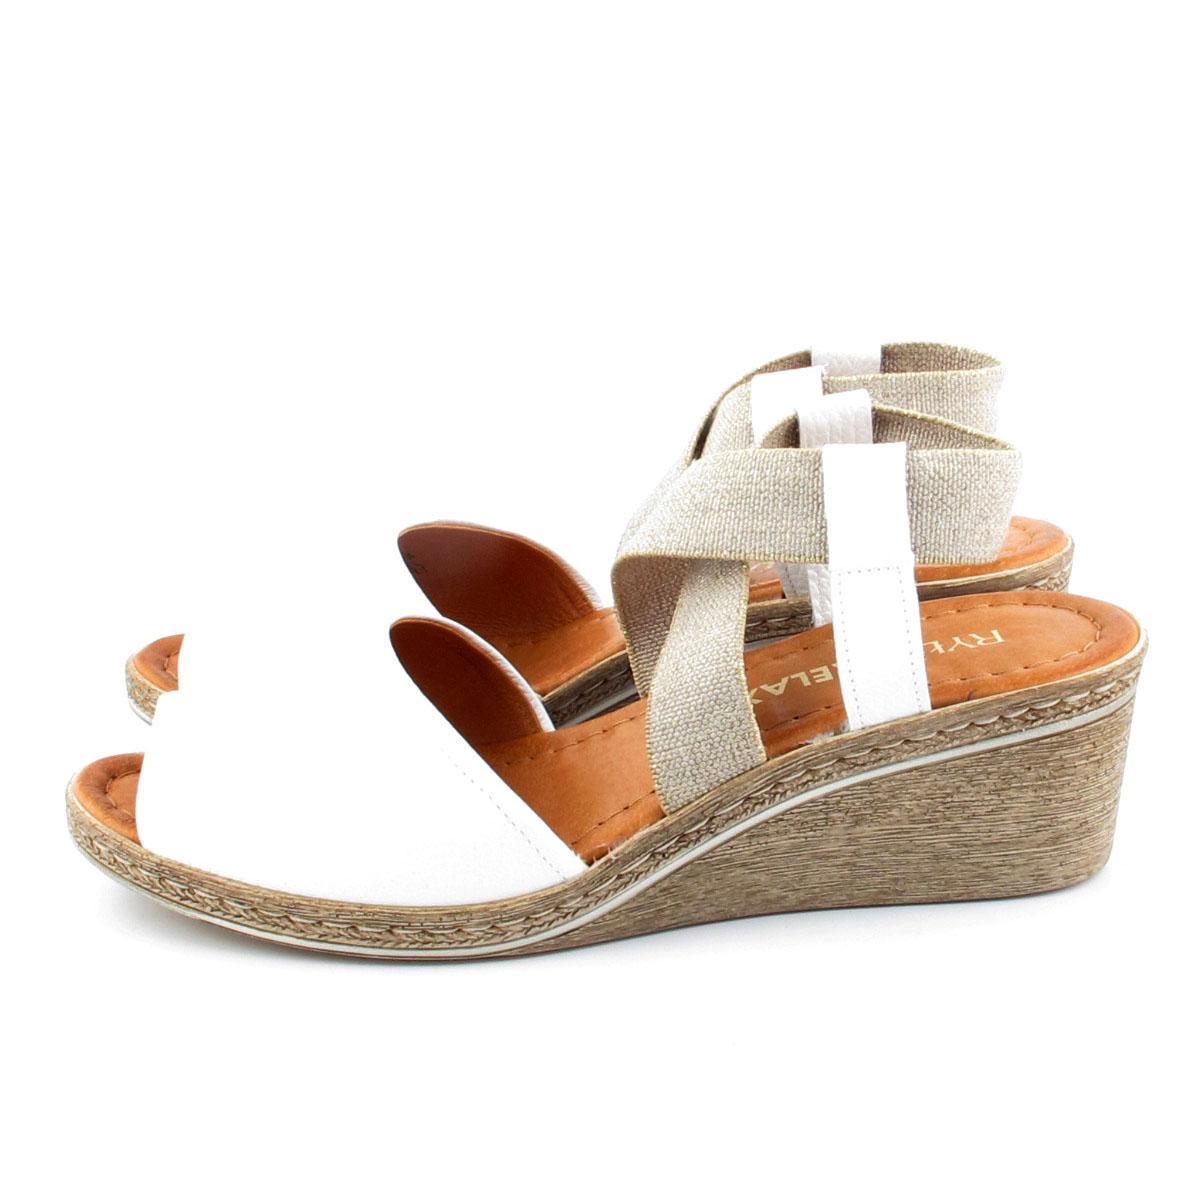 020ae385 RYŁKO 4DH65 białe sandały na koturnie rozm 35 - 7016671525 ...